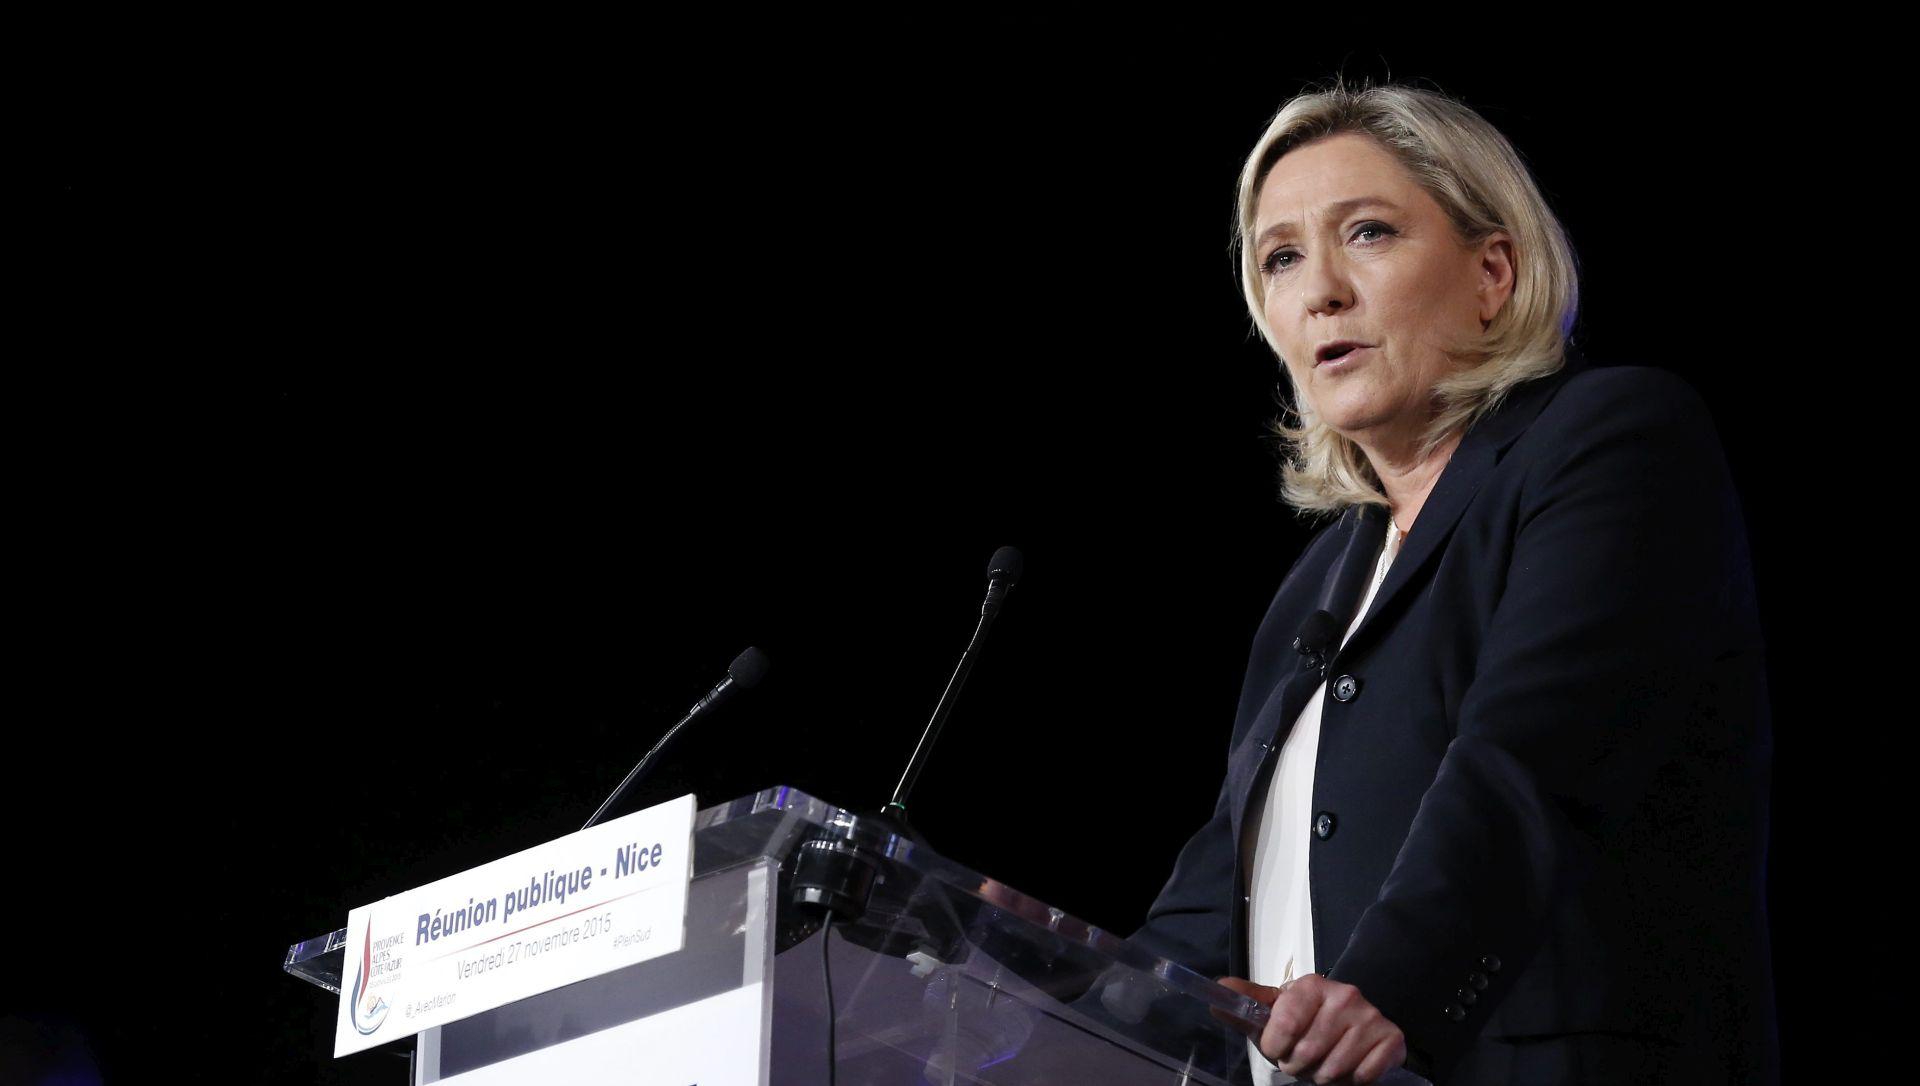 Povijesni uspjeh francuske krajnje desnice u prvim izborima nakon terorističkog napada